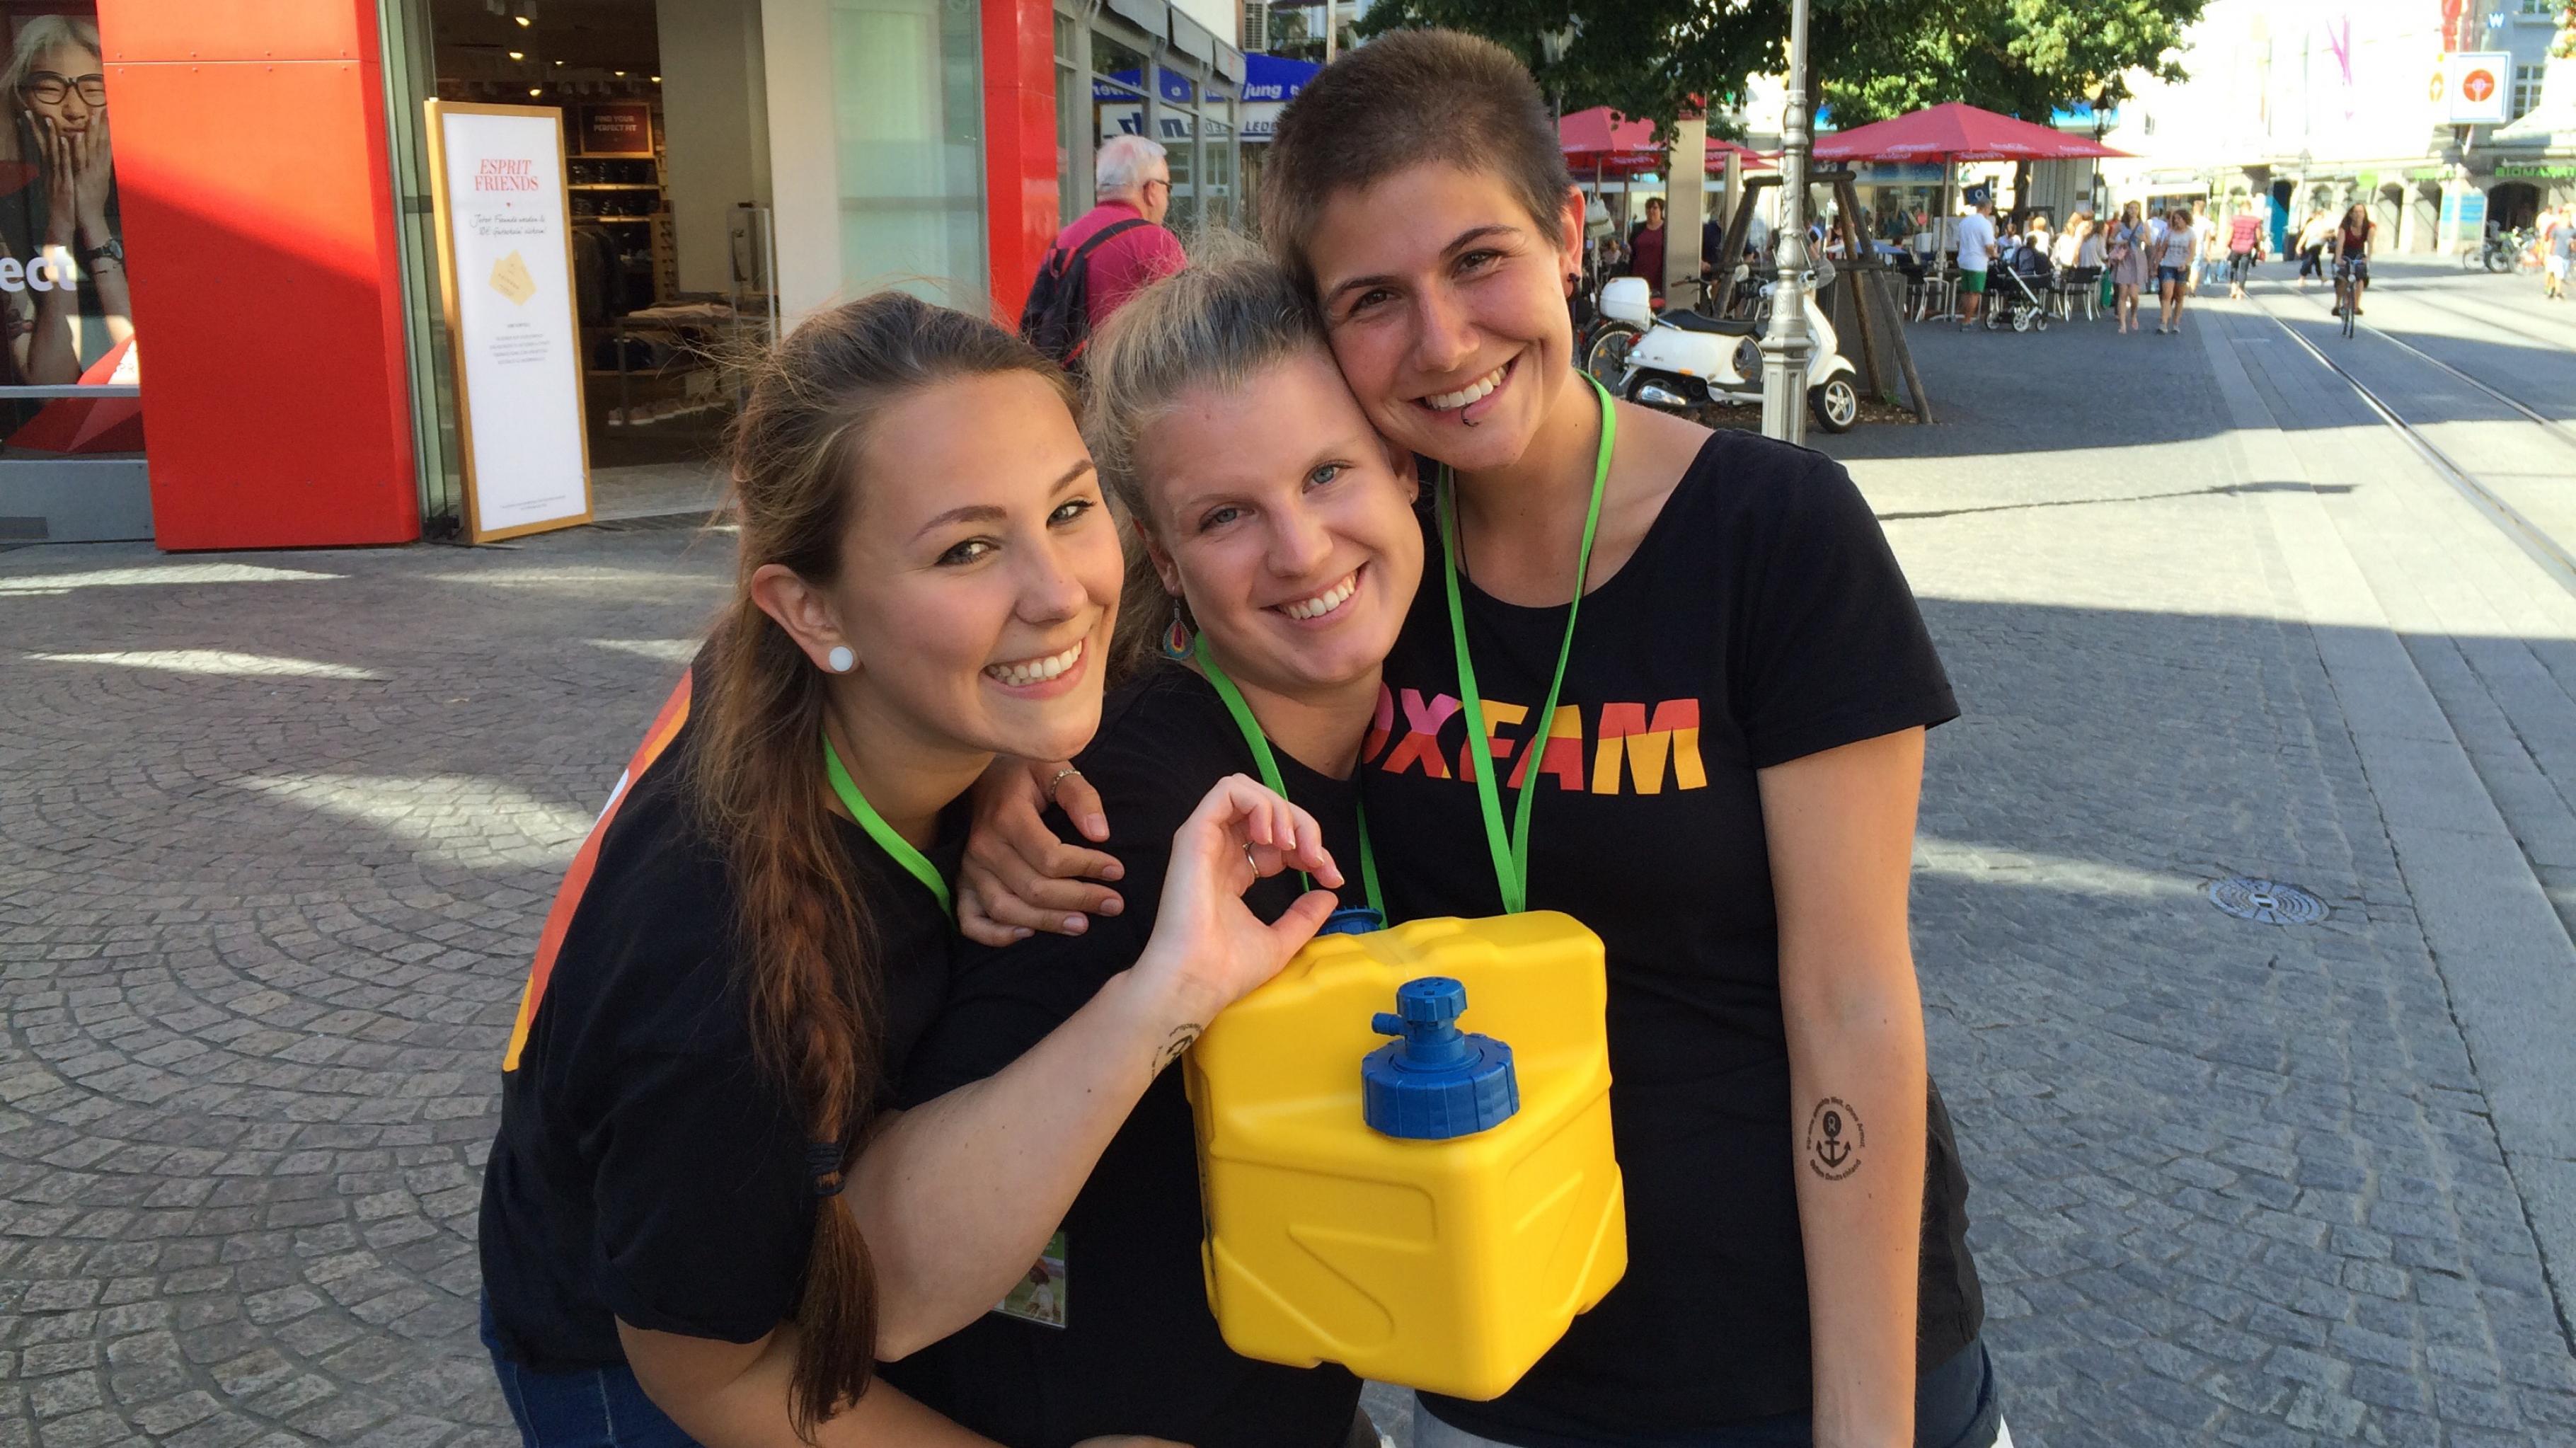 Drei Oxfam-Mitarbeiterinnen in einer Fußgängerzone